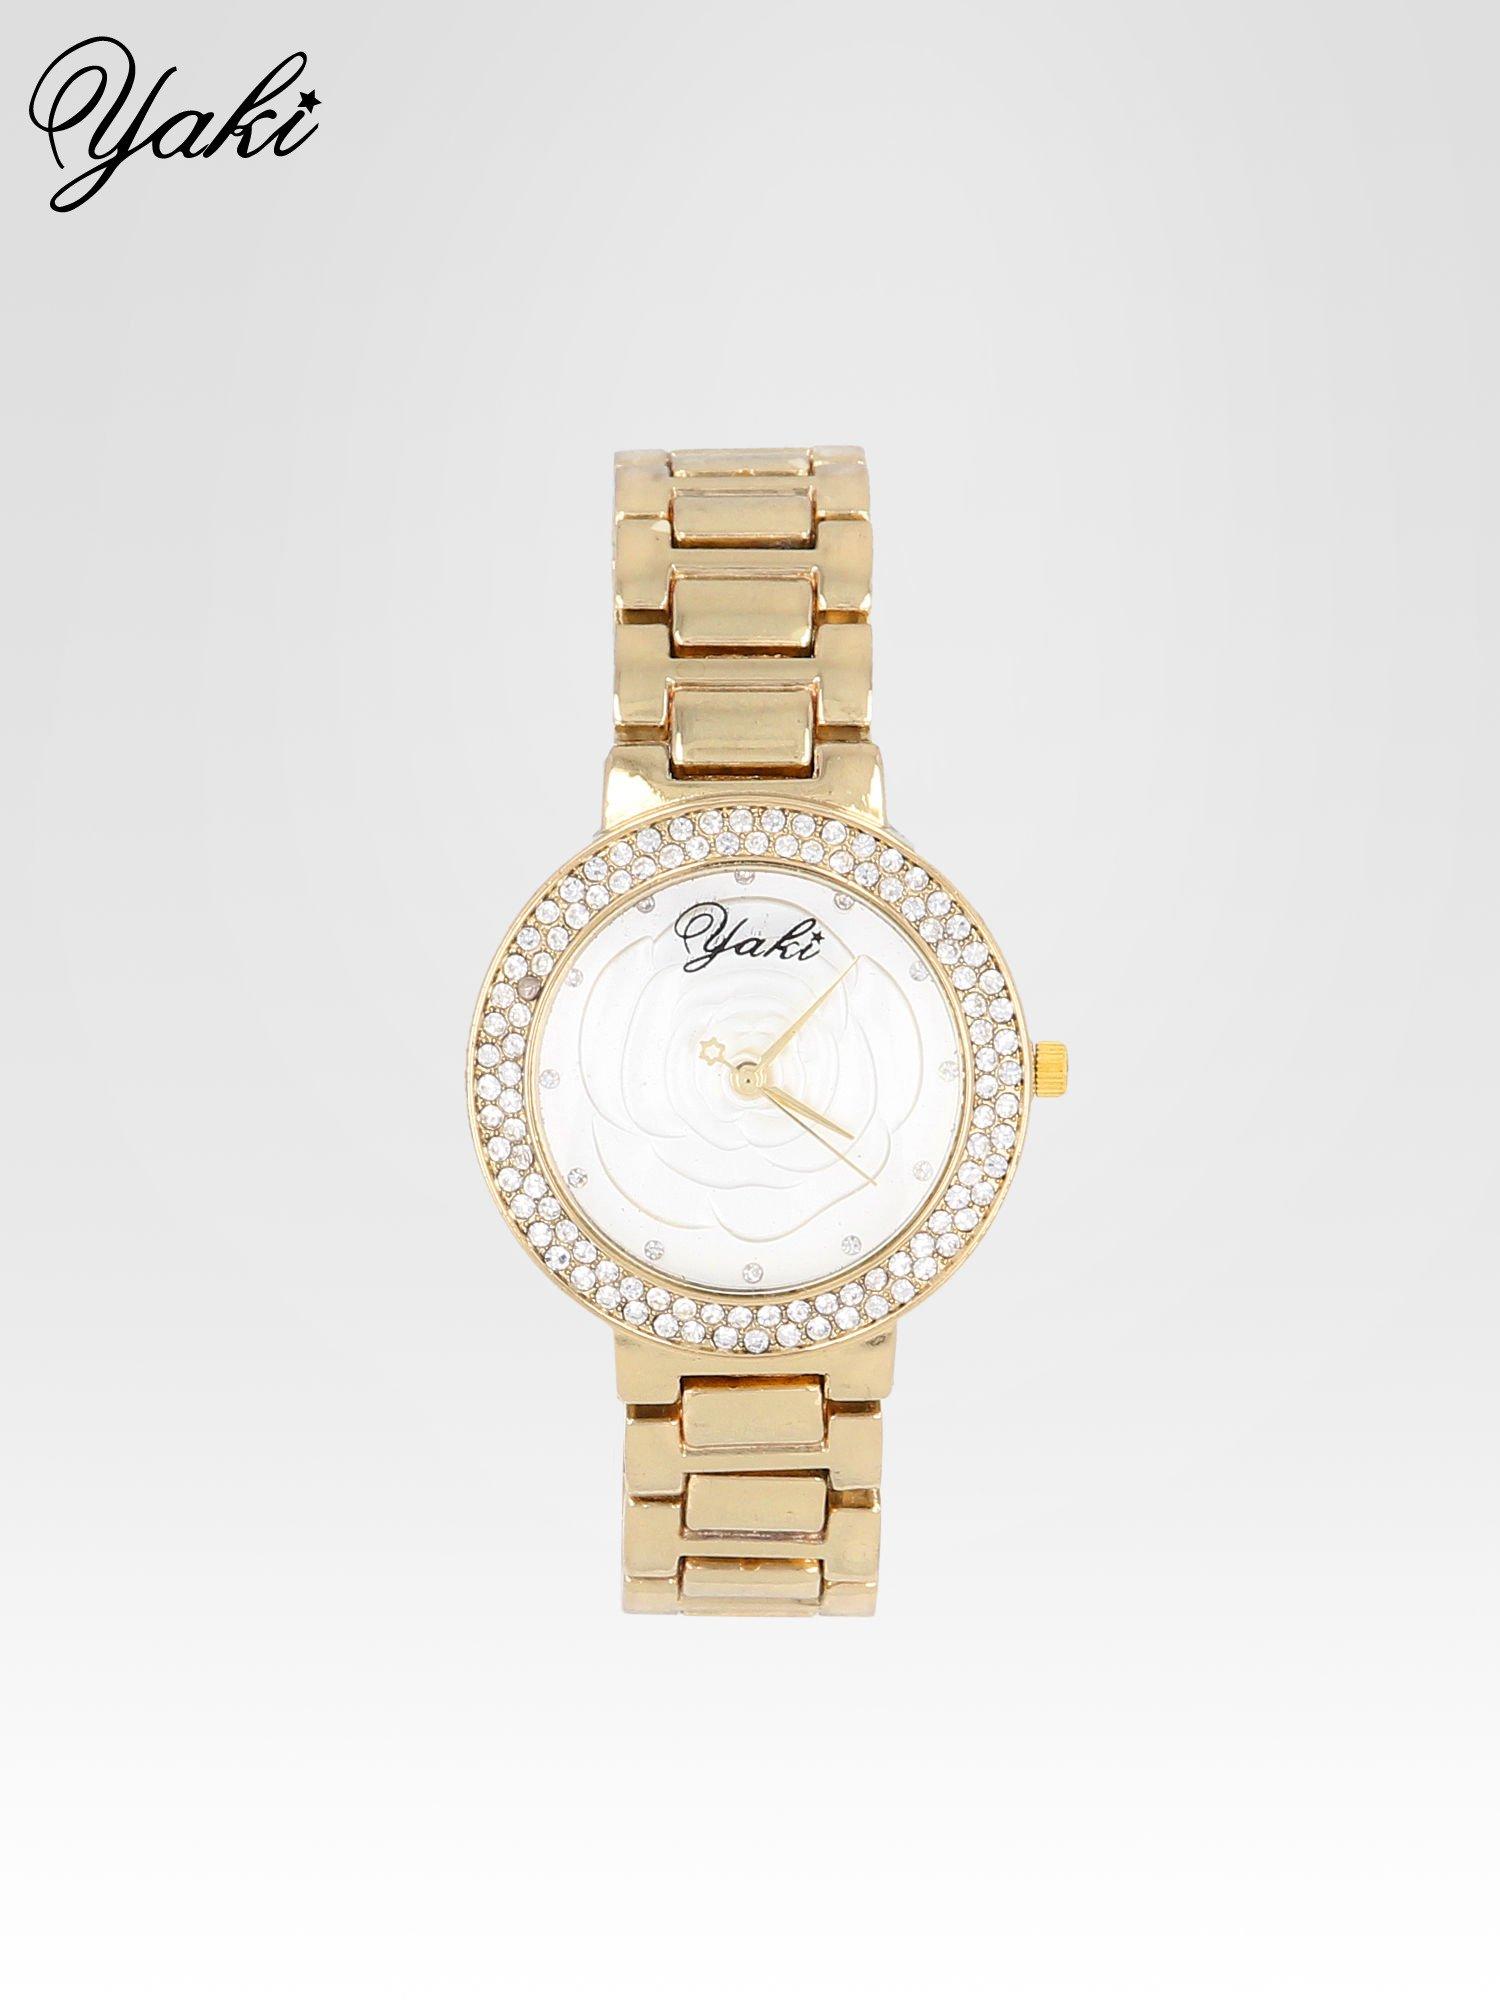 Złoty zegarek damski na bransolecie z różą na tarczy                                  zdj.                                  1